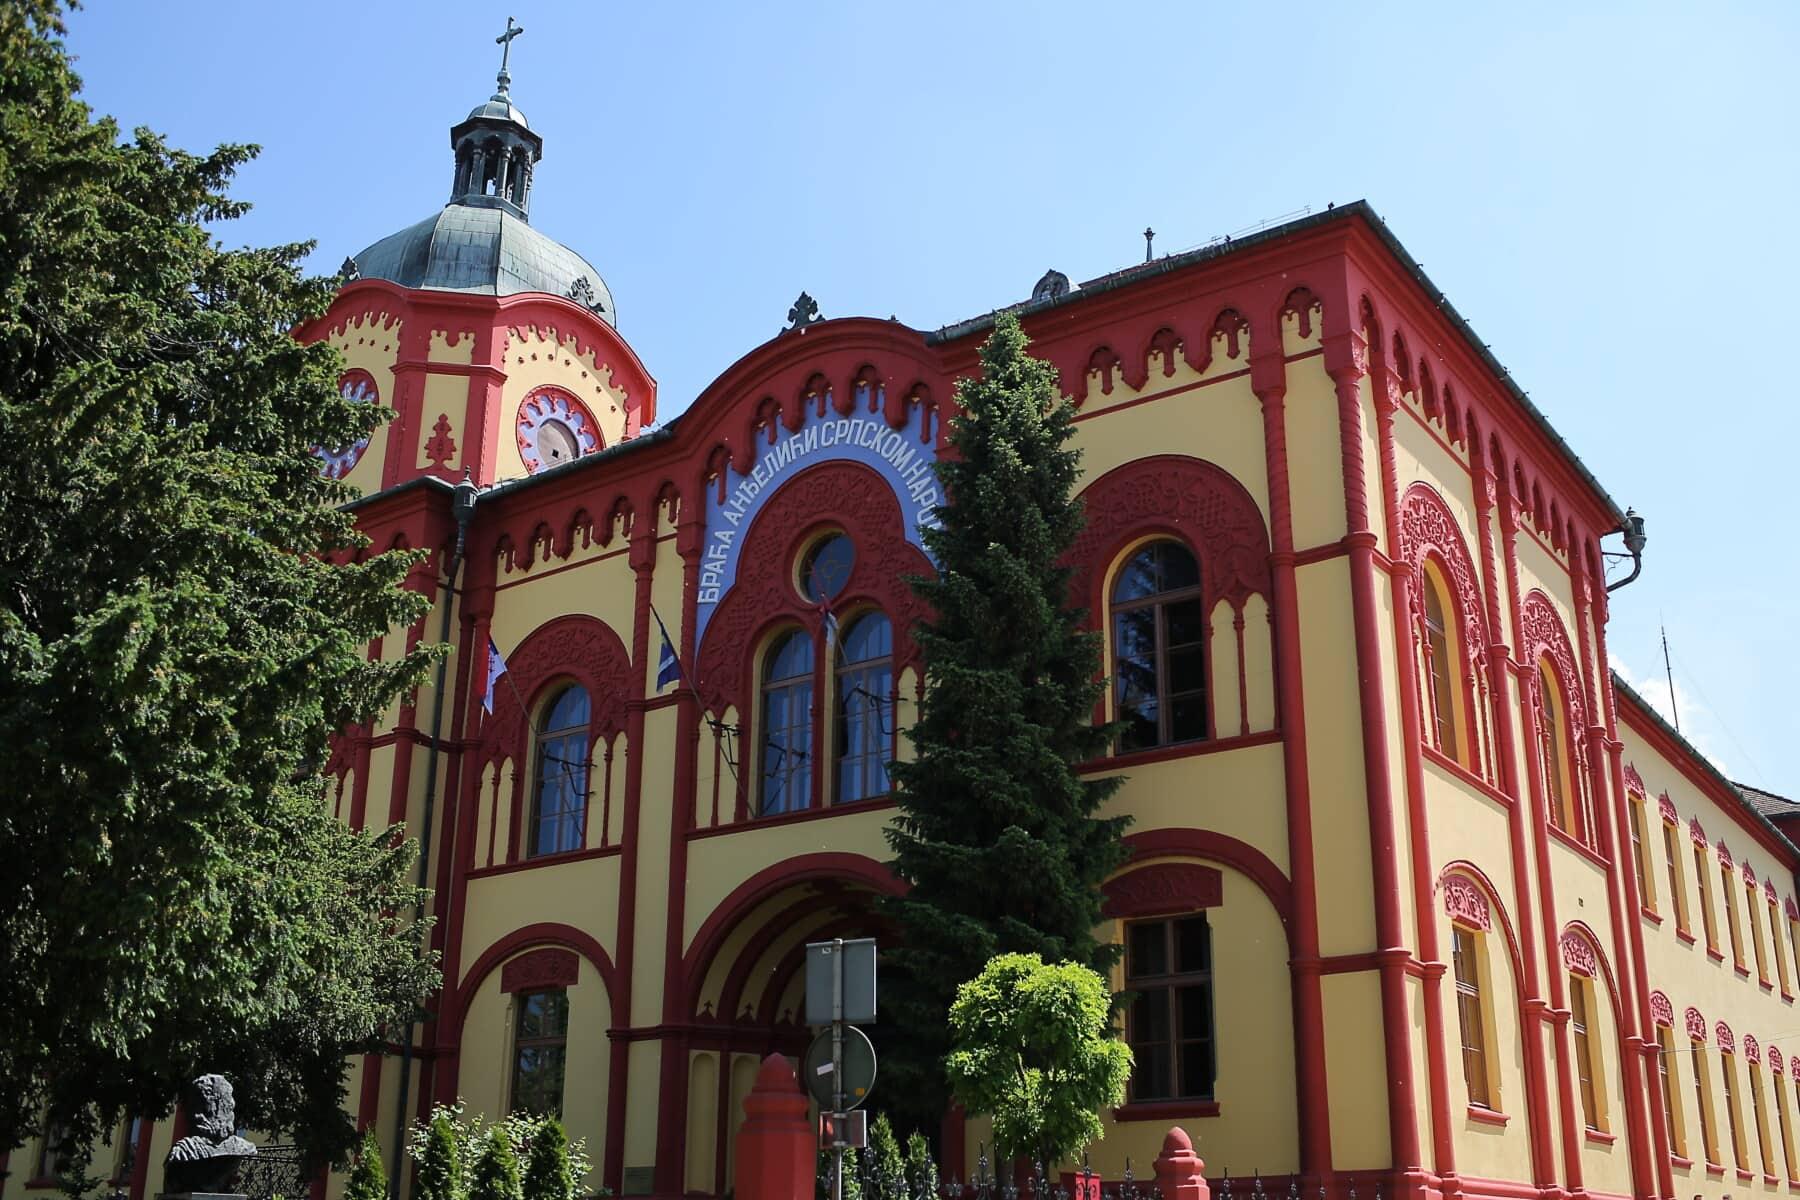 Sremski Karlovci, Srbija, zgrada, rezidencija, samostan, arhitektura, kuća, fasada, staro, ulica